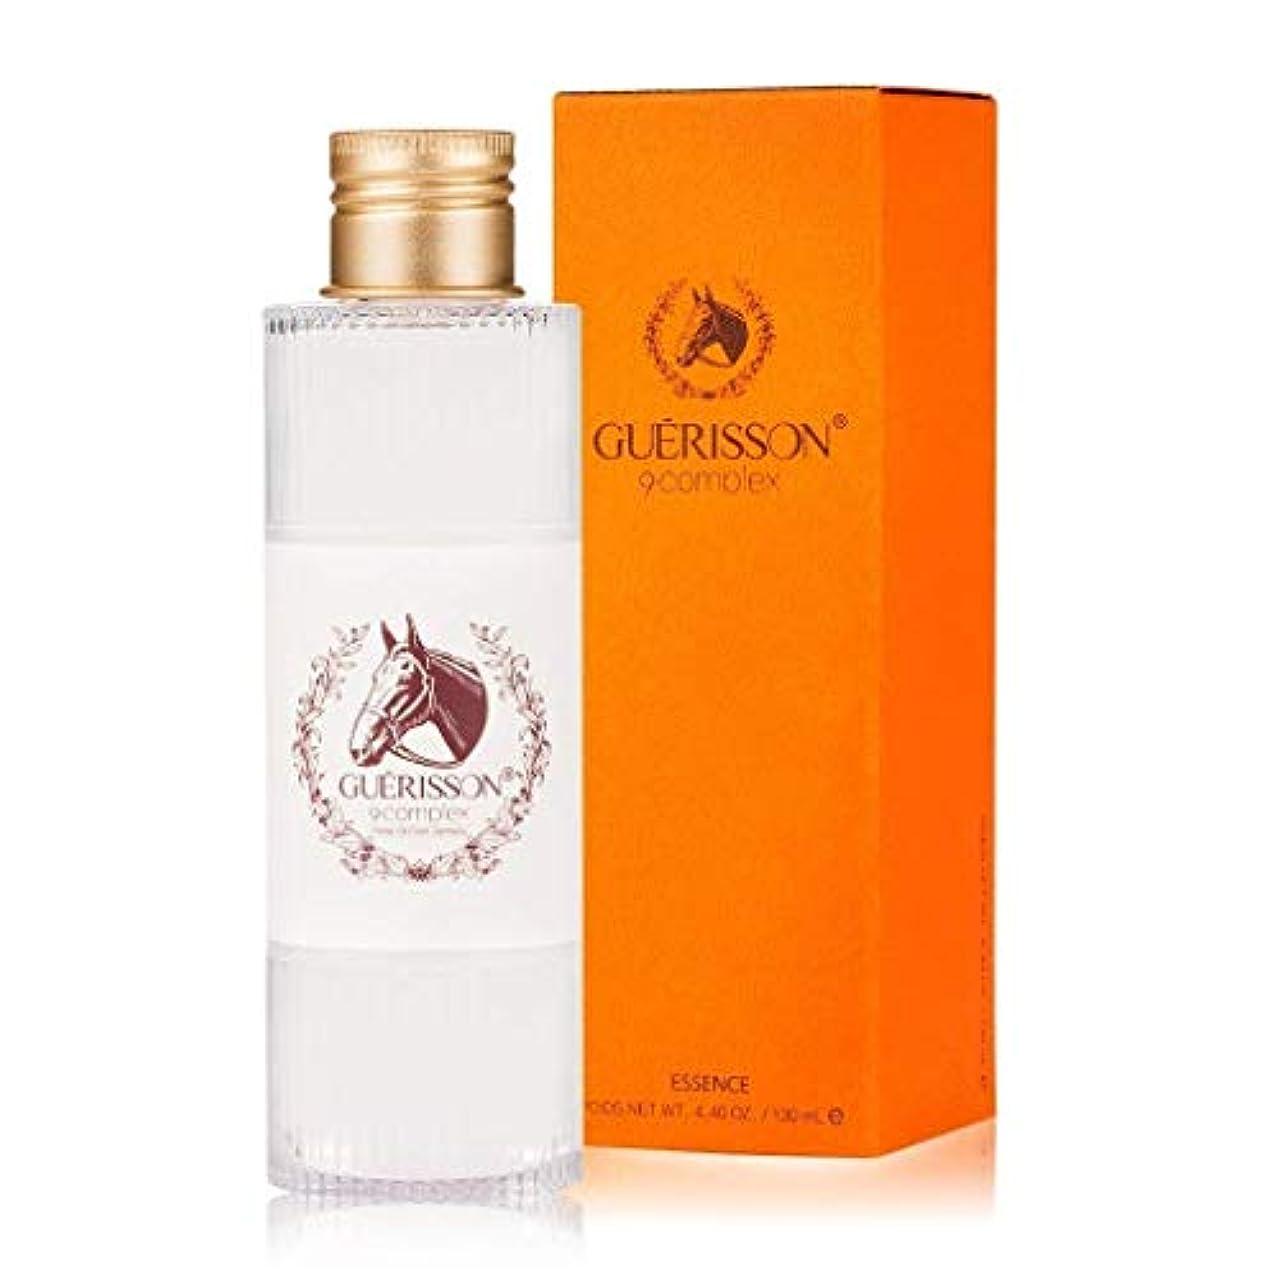 の間でアクティビティもろいGuerisson 9 Complex Horse Oil Essence (Moisturizing Serum) 130ml(2019 Ver. Up)/Korea Cosmetics